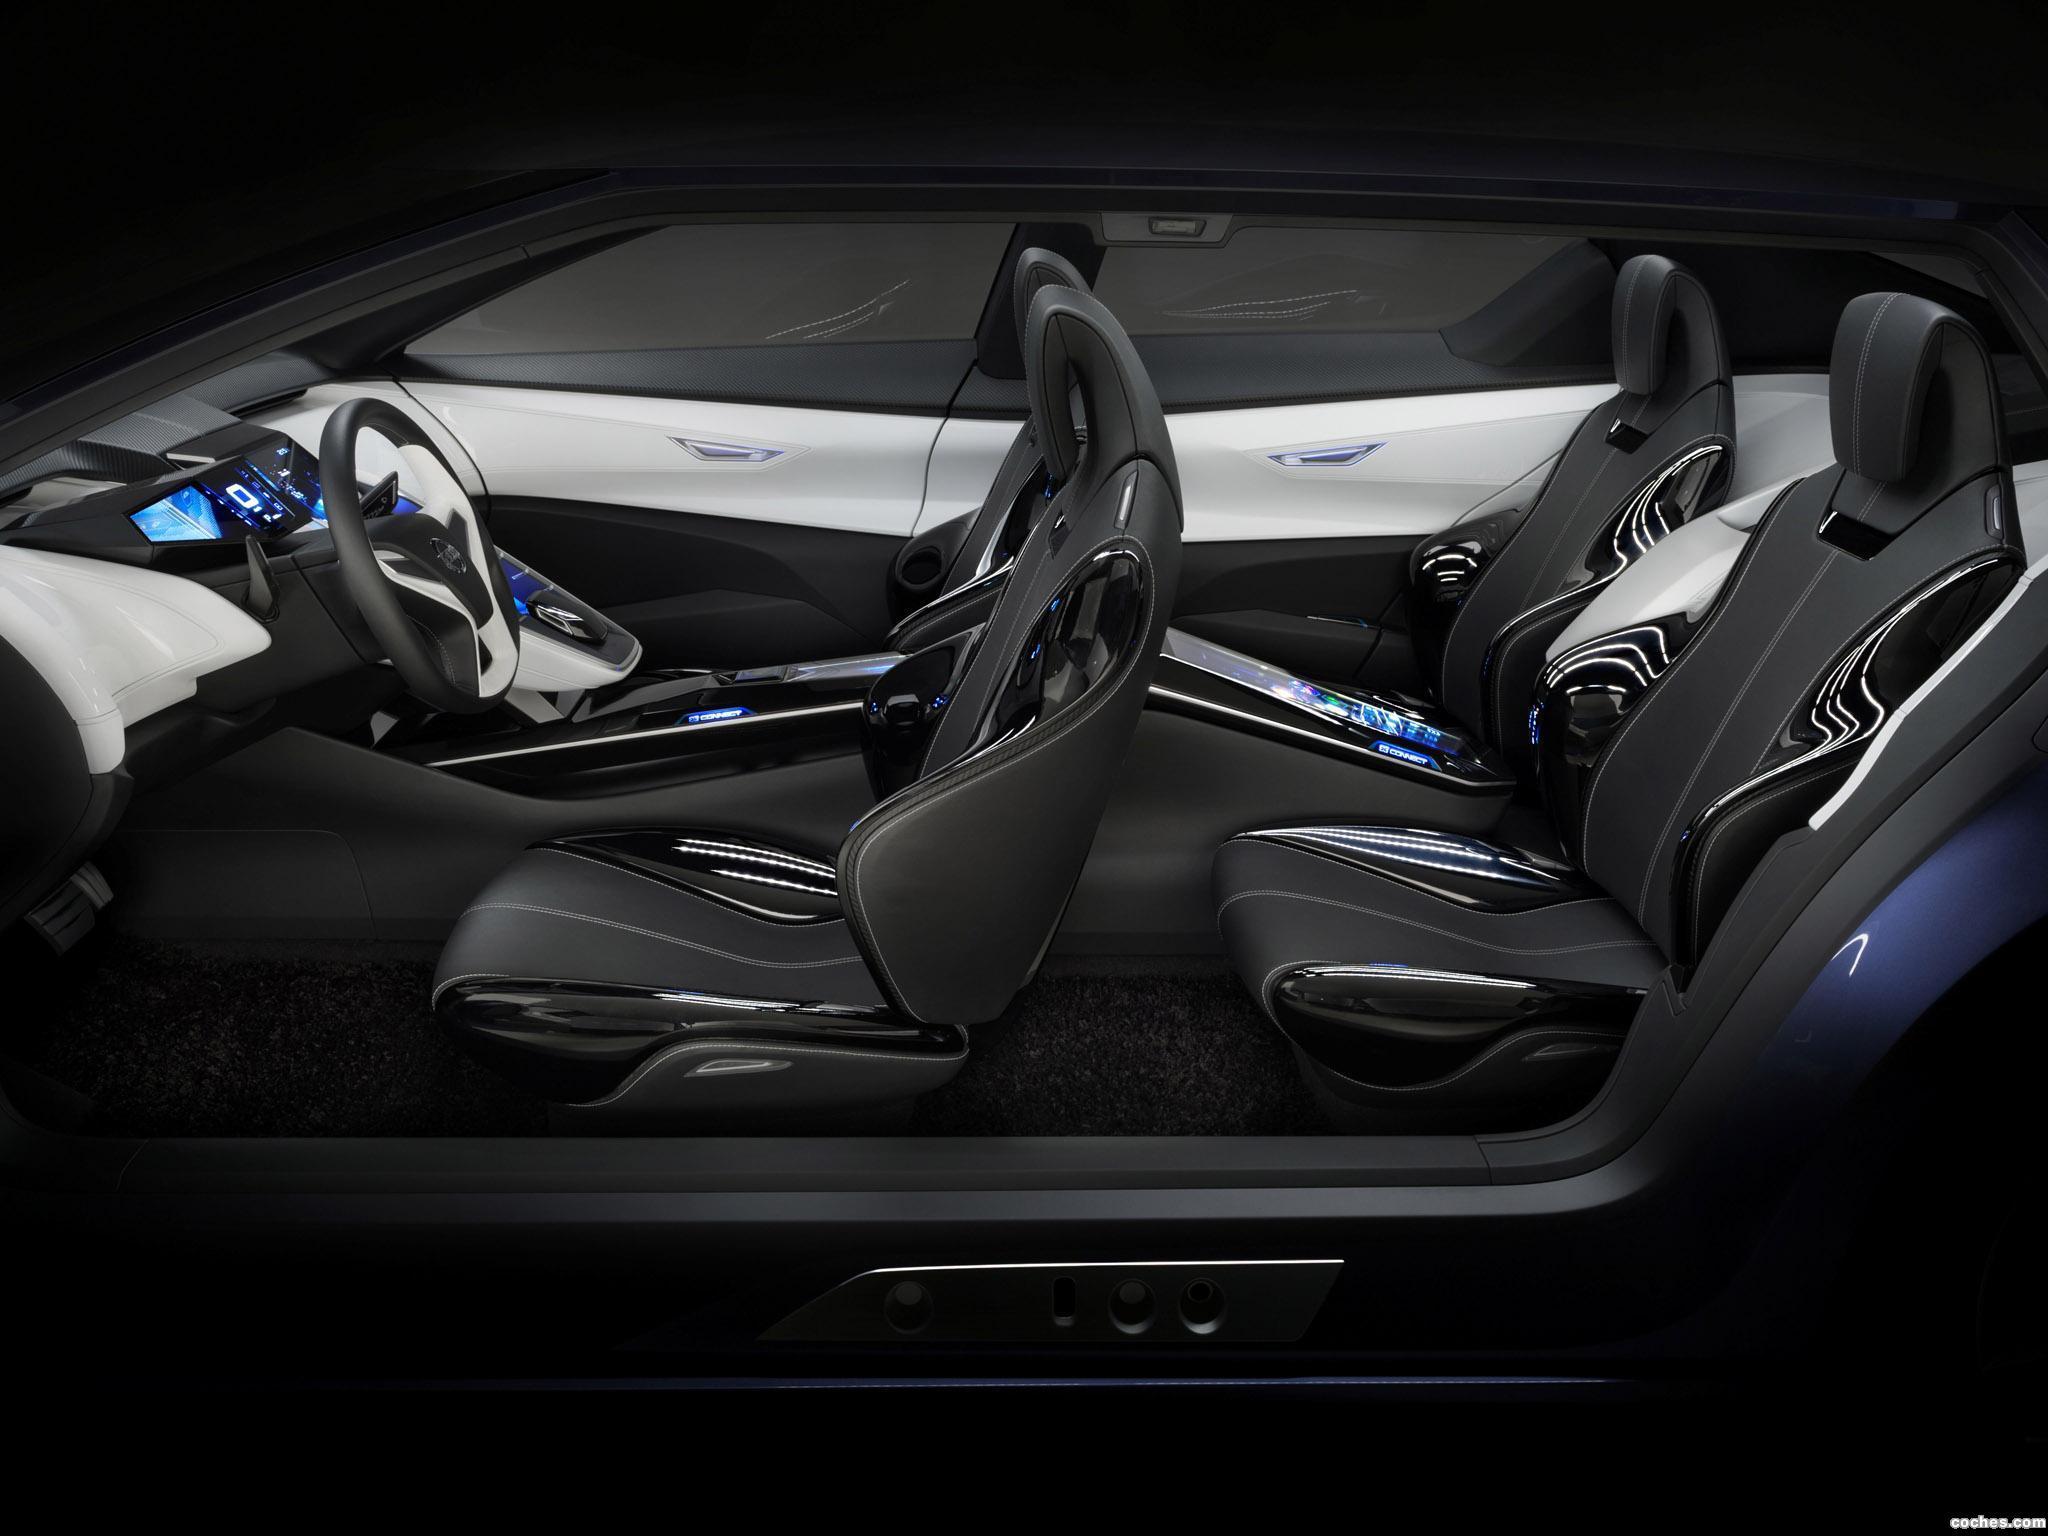 Foto 23 de Nissan Friend-ME Concept 2013